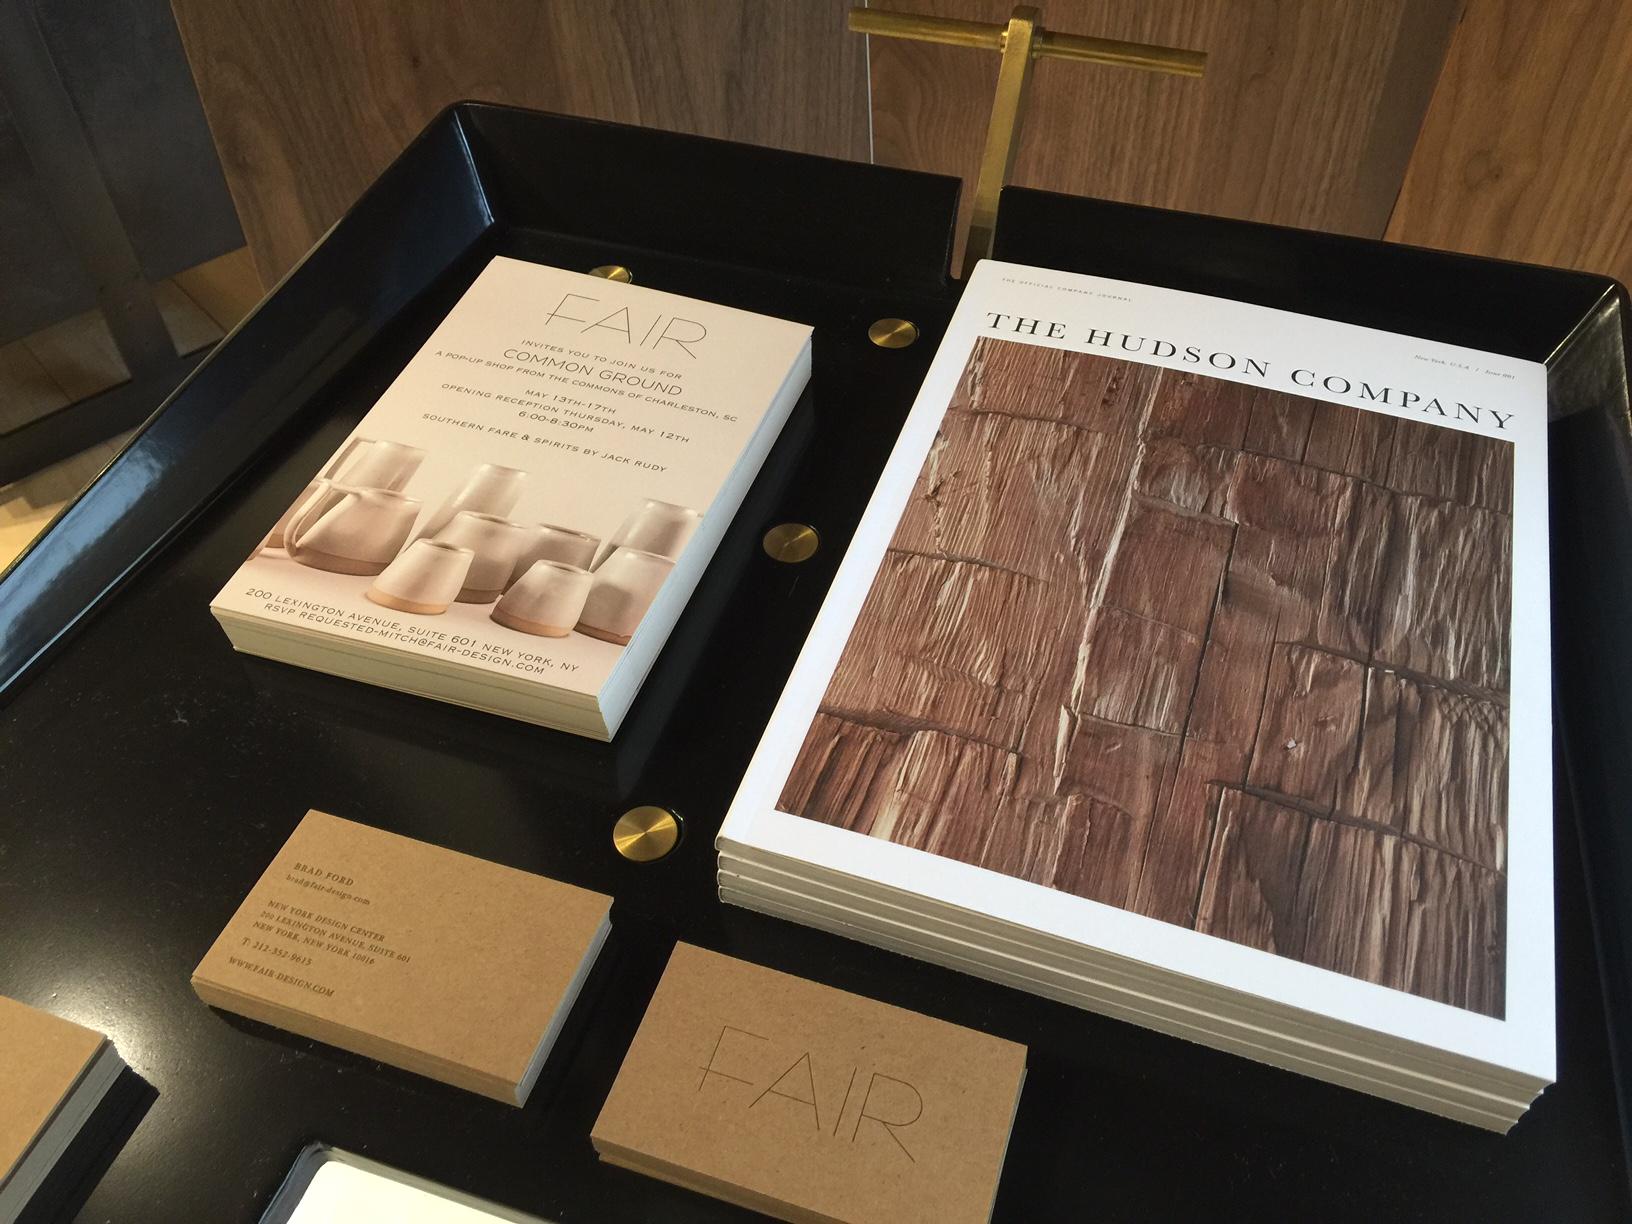 The FAIR exhibit space at Collective Design Fair 2016.